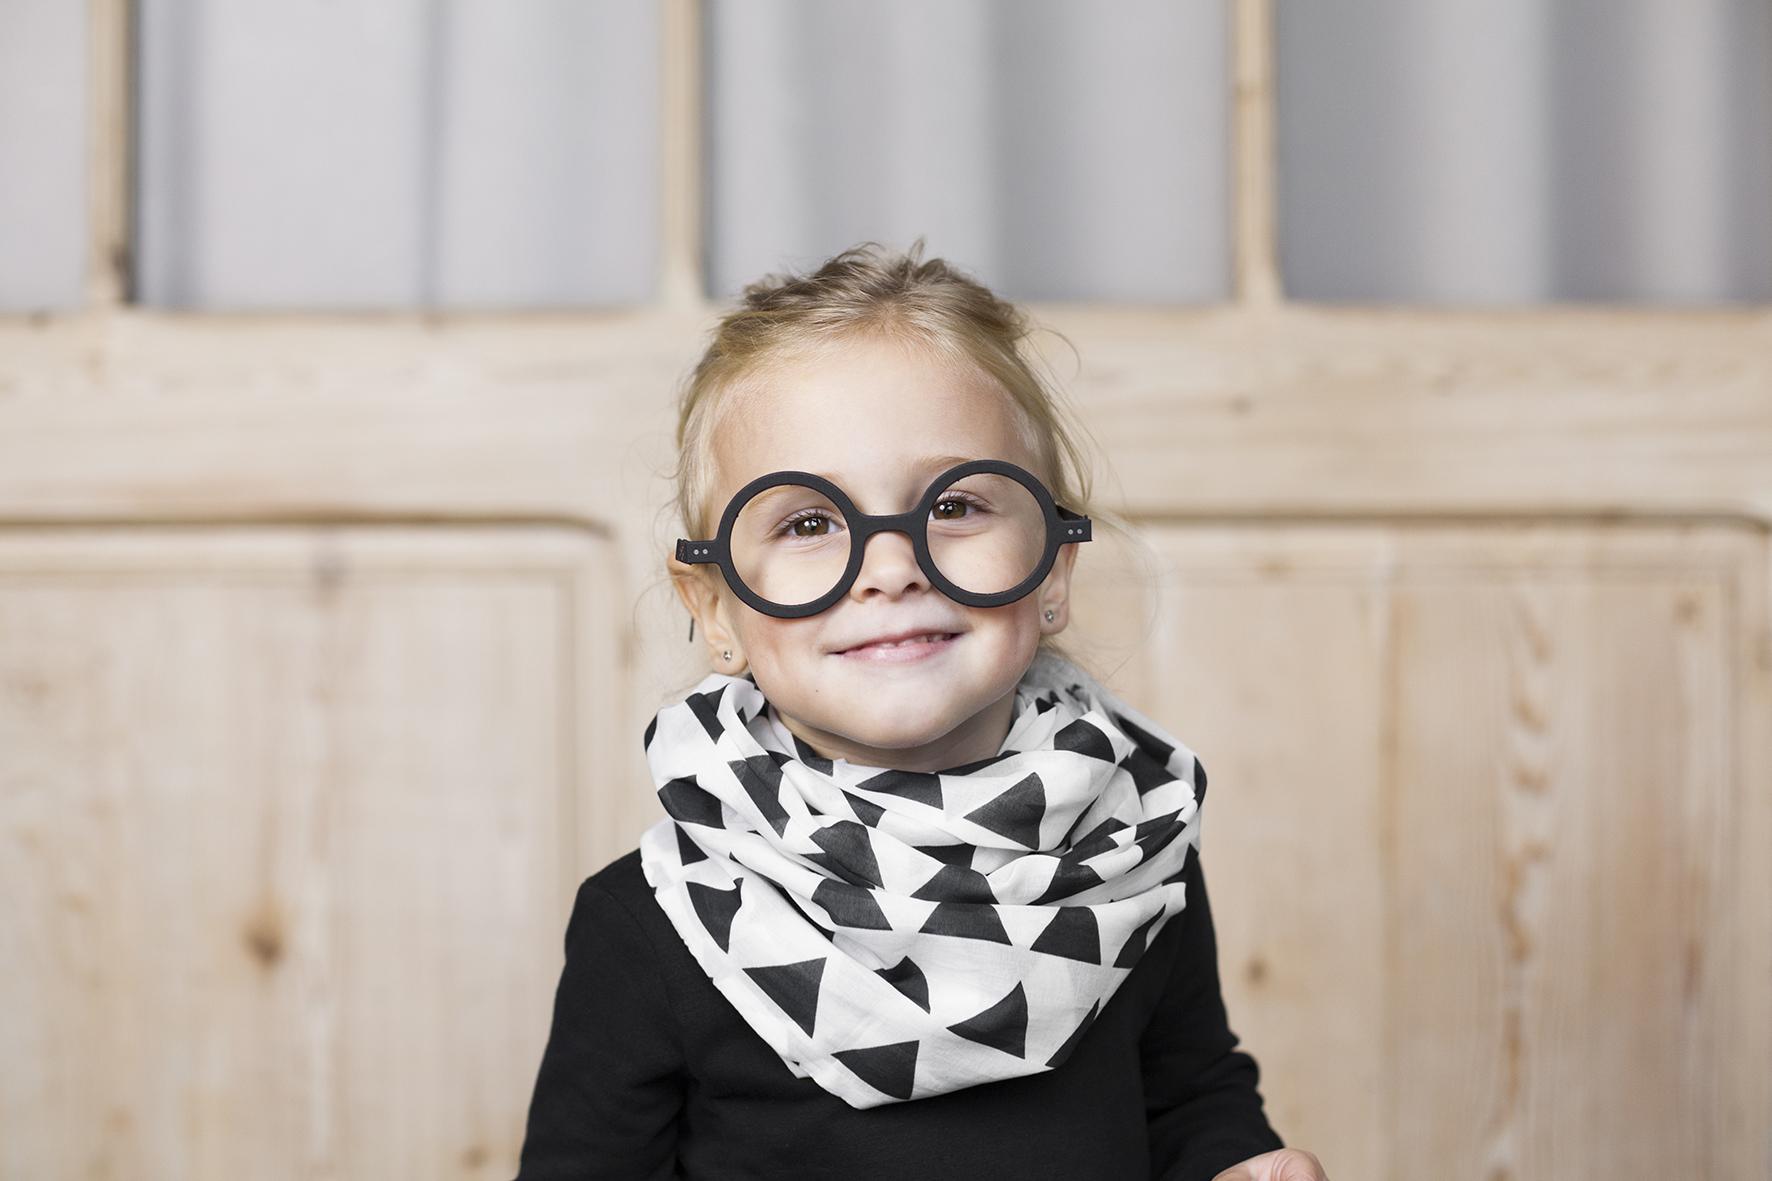 Pipopipa, complementos geniales para madres y niños modernos y urbanitas